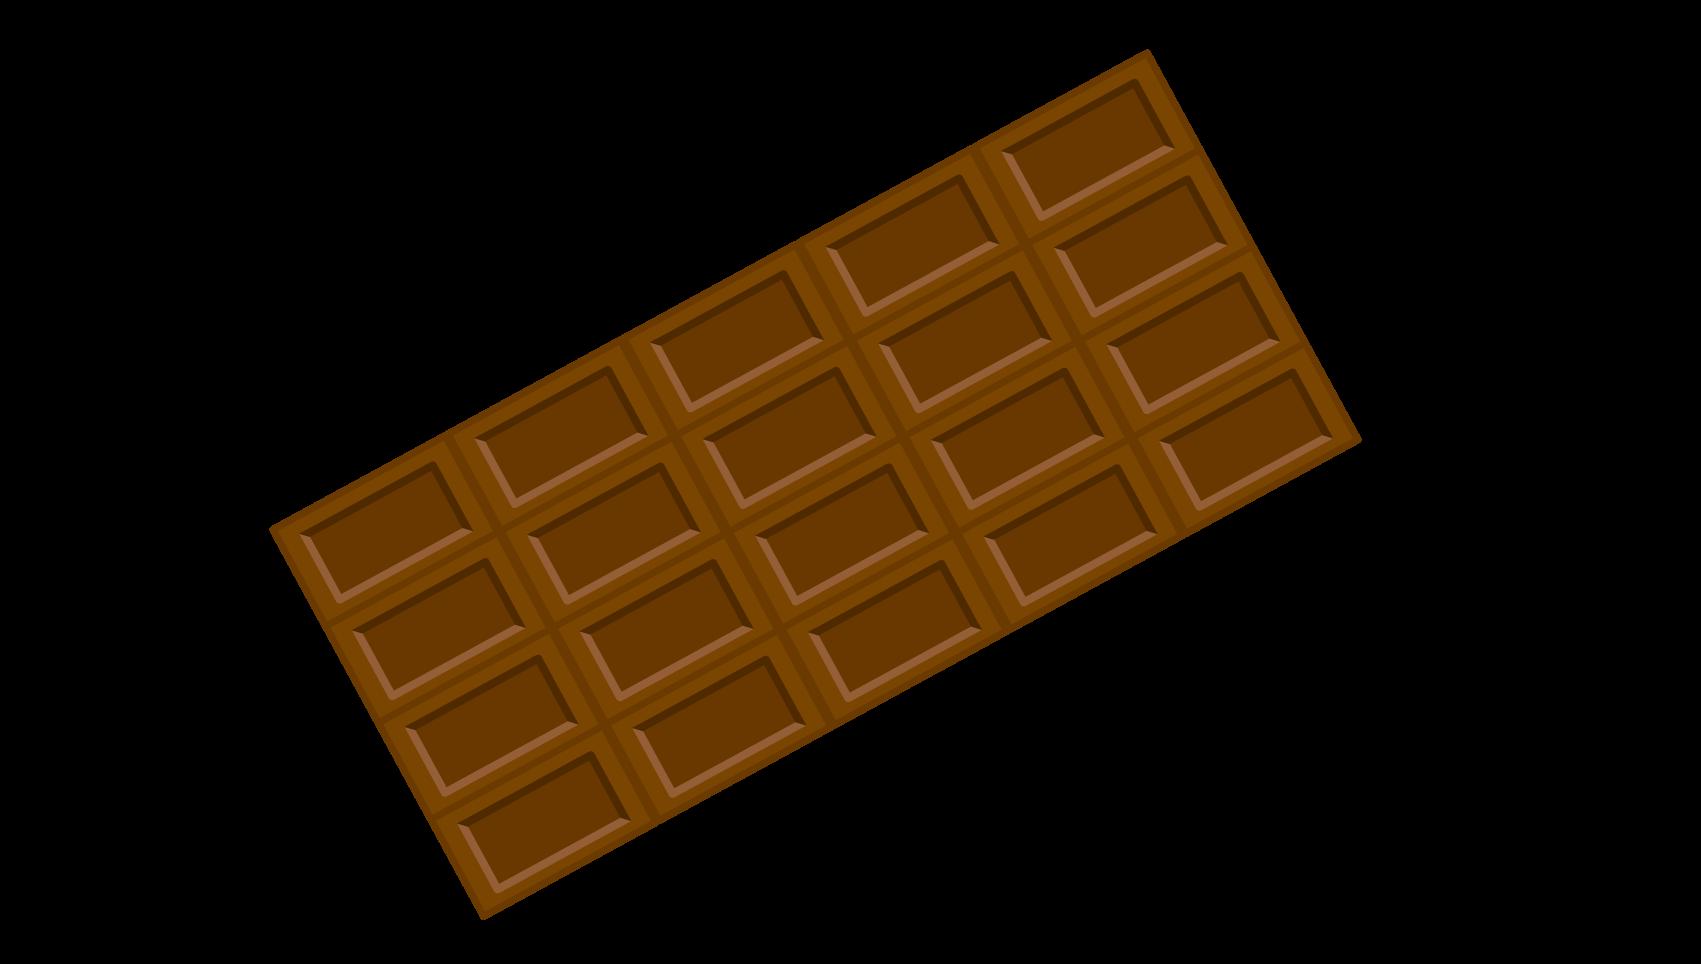 板チョコのイラスト イラスト本舗